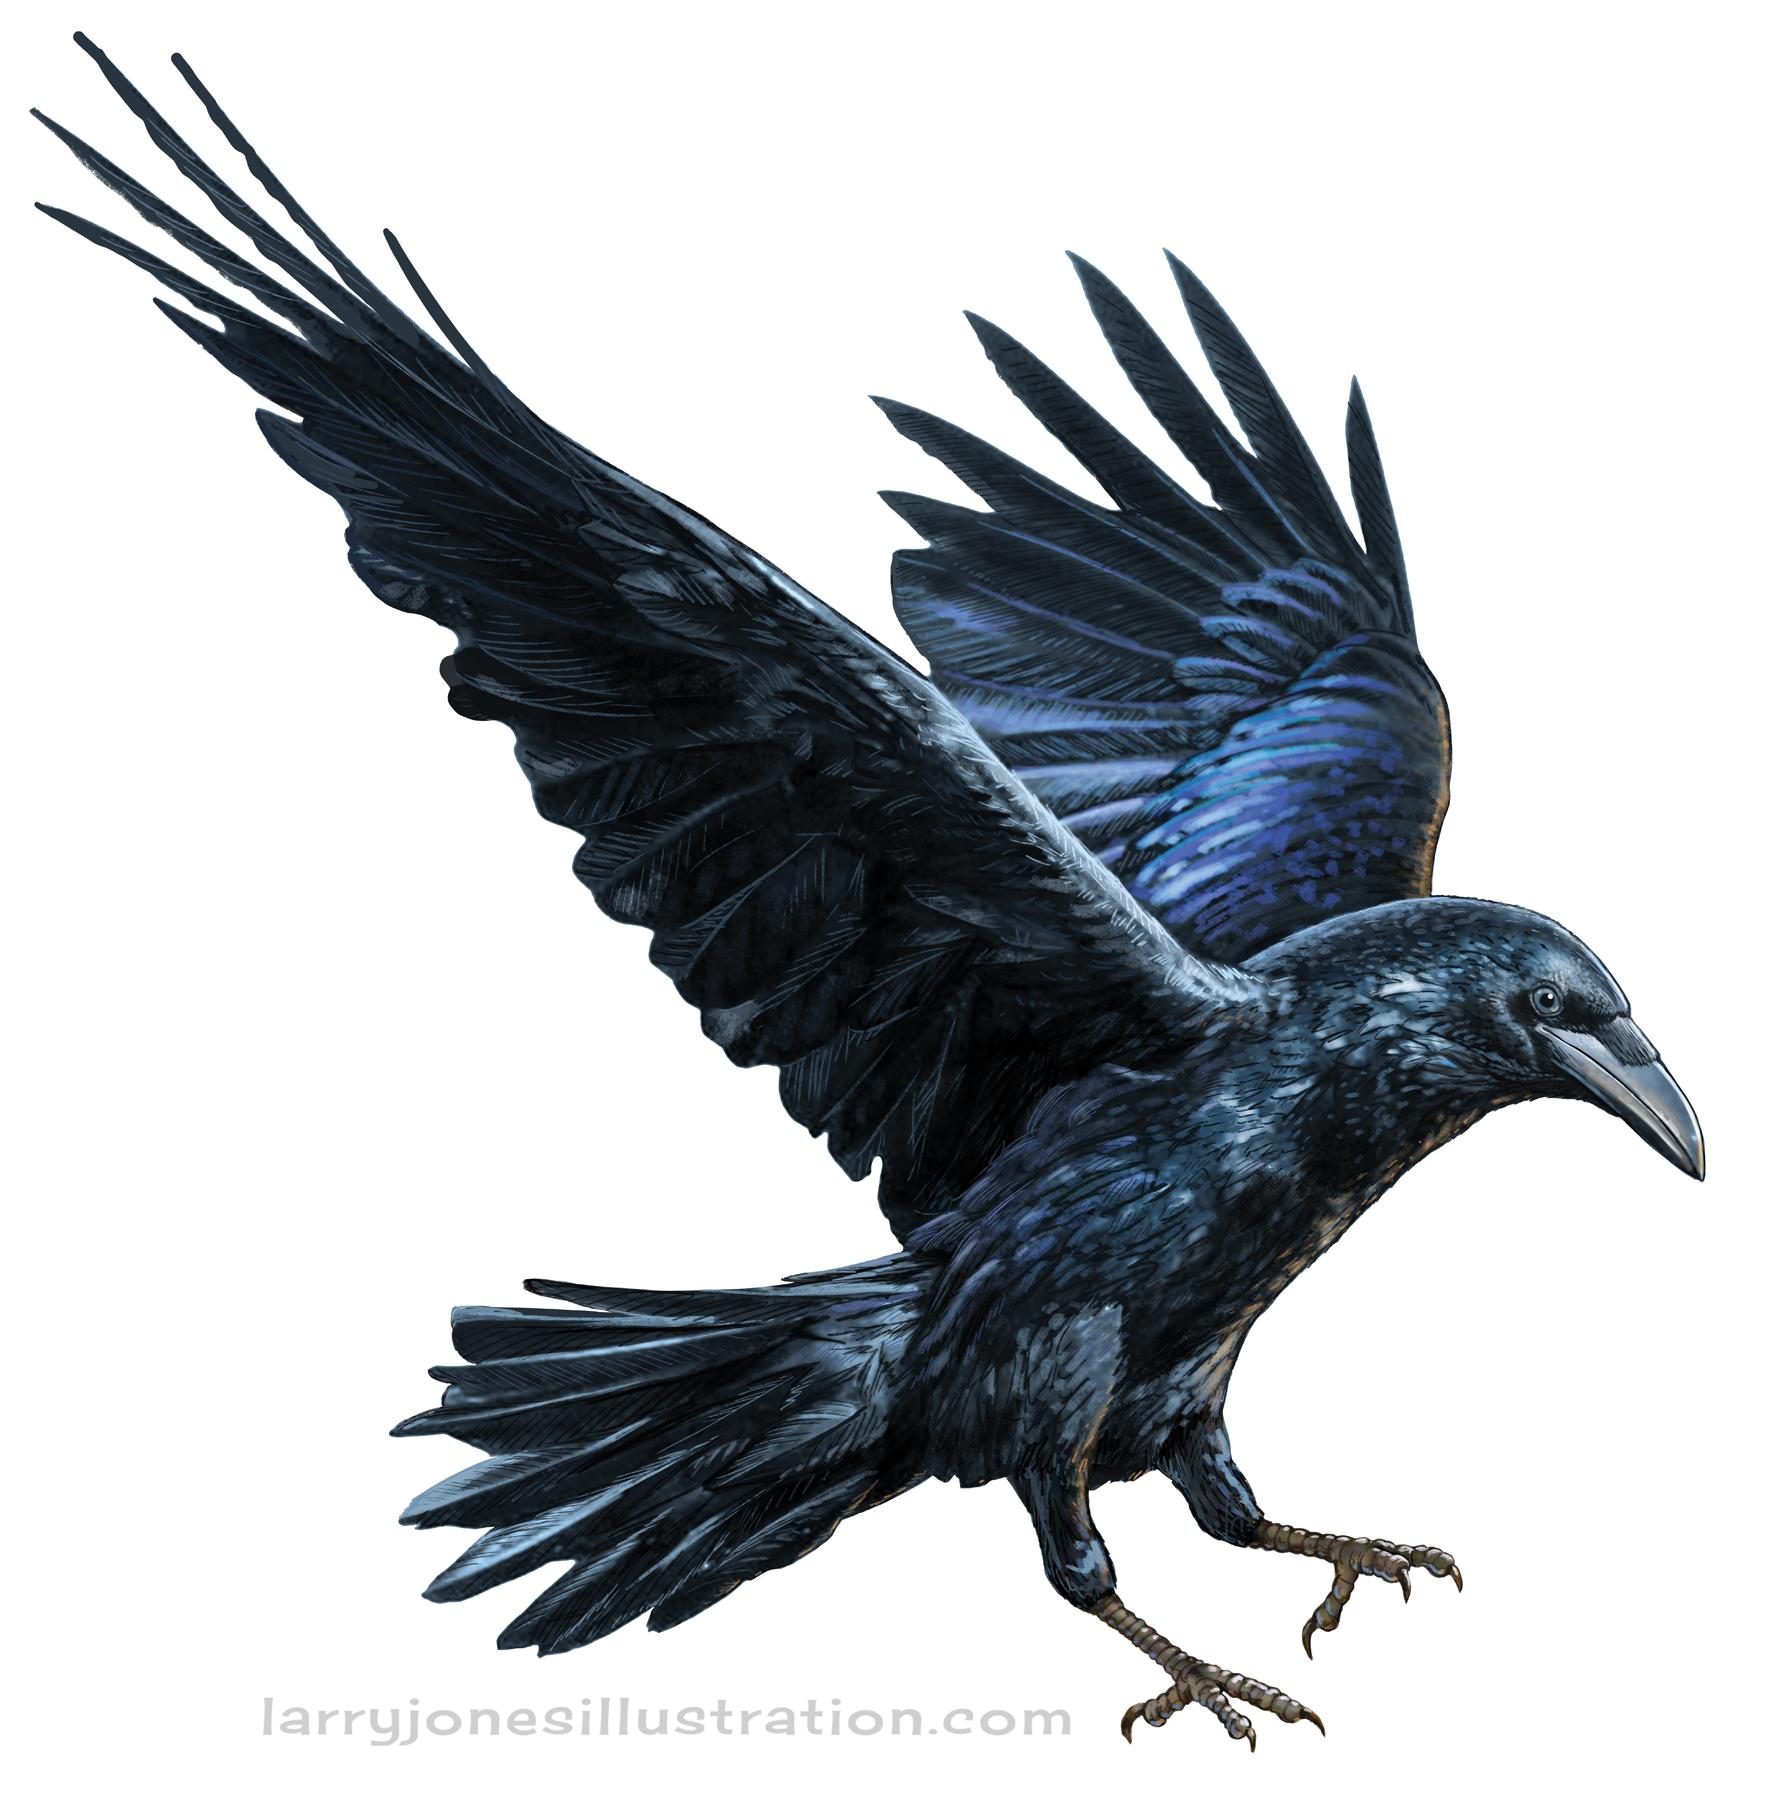 raven-illustration-baltimore.jpg